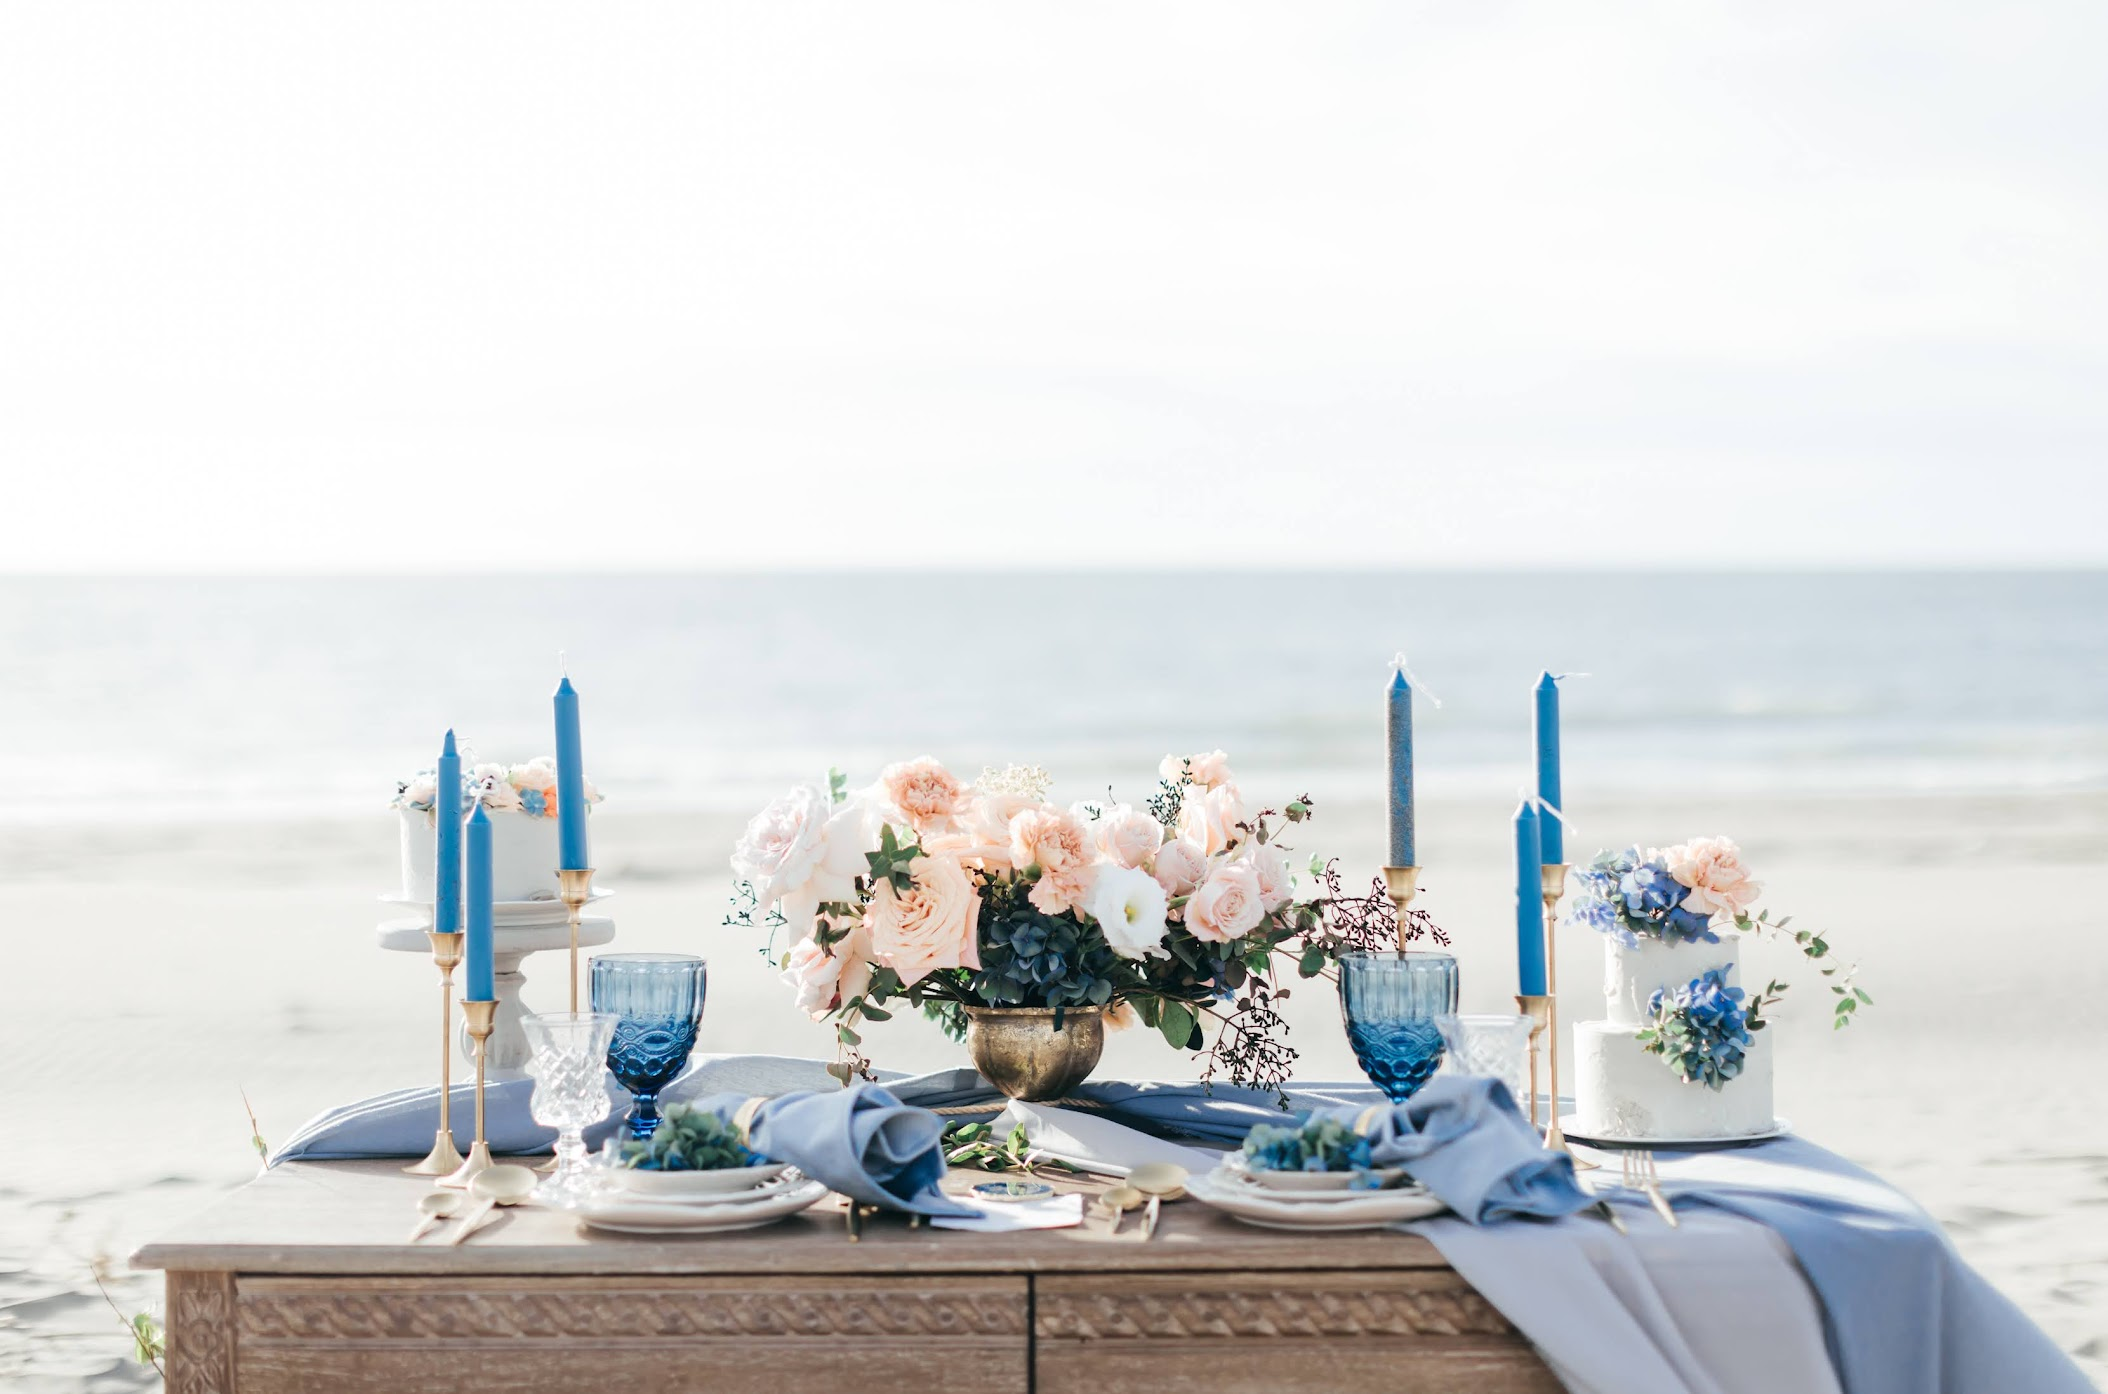 fine art 藝術婚紗 | Lucy + Seder Engagement | 海邊的美式逐光婚紗 fine art 藝術婚紗 / 佈置 藝術 婚紗 / 美式婚紗婚禮 / 海邊 婚紗, 今年夏天,我們前往 彰濱 海邊 ,替 Lucy & Seder 拍攝了這組 海灘 逐光 婚紗,在熾熱的季節 , 海邊 很涼爽舒適,使拍攝相當順利。這是一次非常深刻的 海邊 藝術 婚紗 拍攝經驗,而外拍後,我們又再前往棚內,在室內為他們拍攝AG便服的 逐光 美式 婚紗。